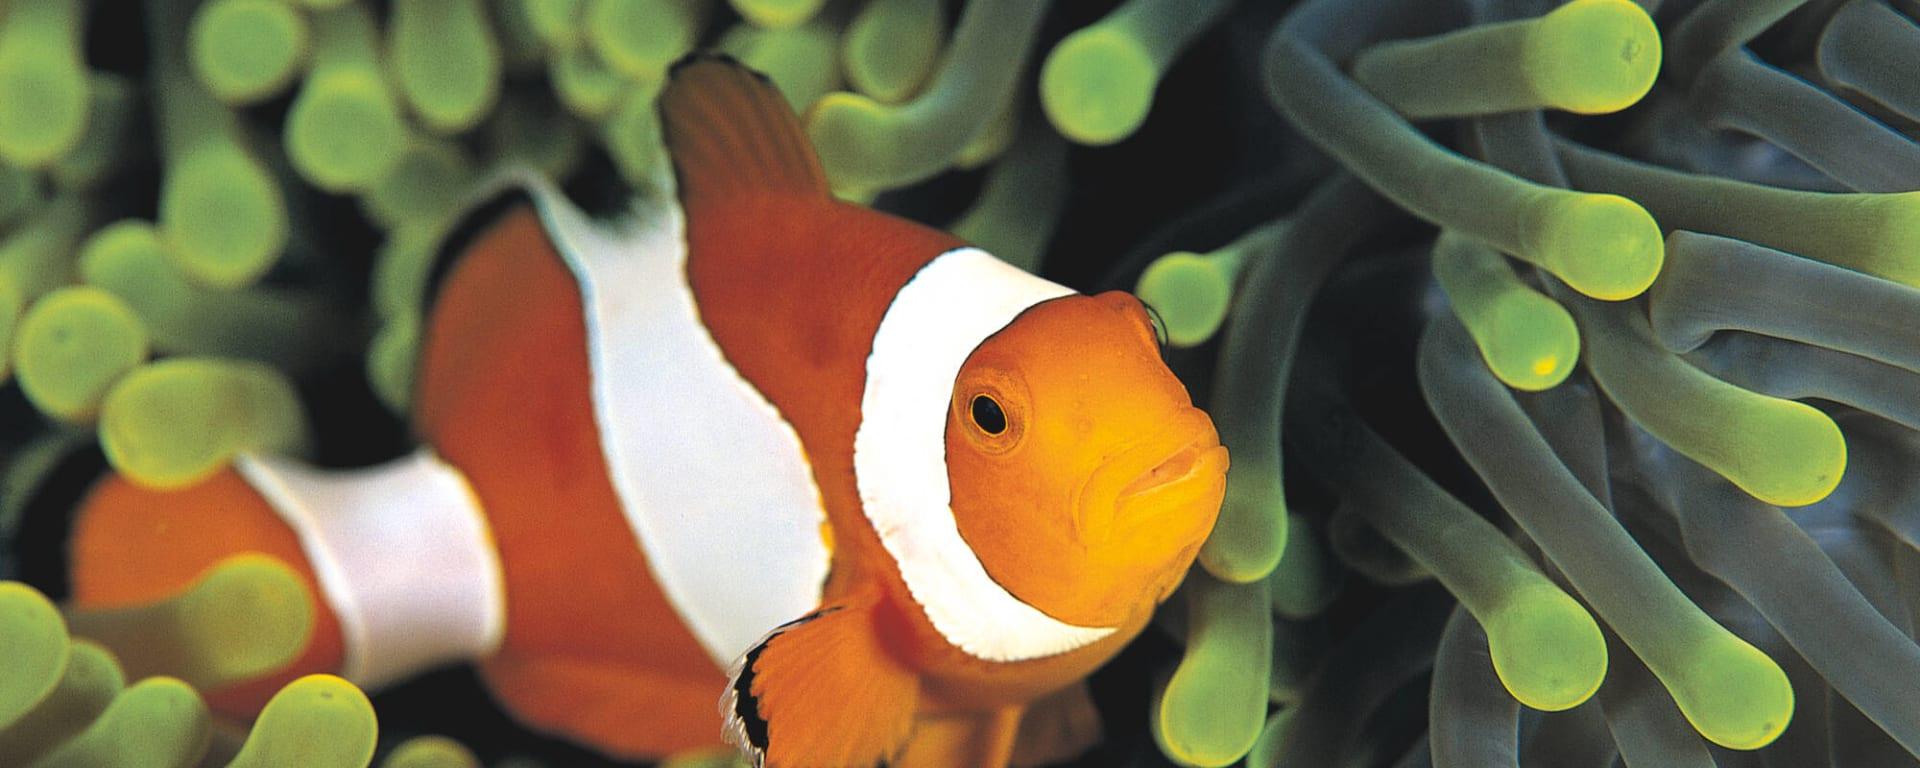 Malediven entdecken mit Tischler Reisen: Malediven Unterwasserwelt Anemonenfisch